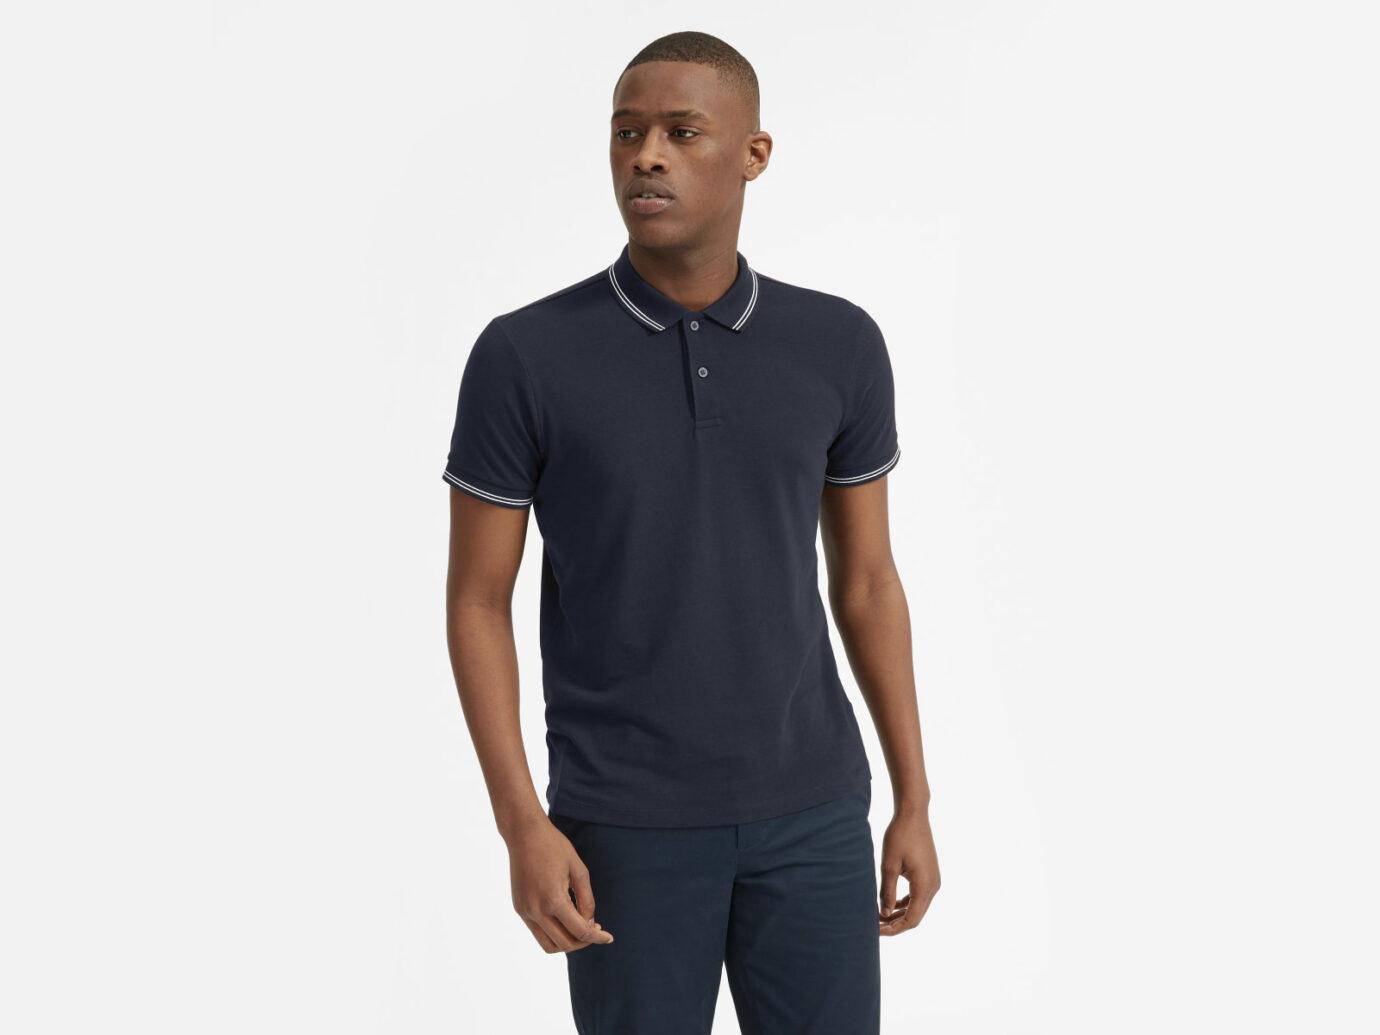 The Pique Polo Shirt